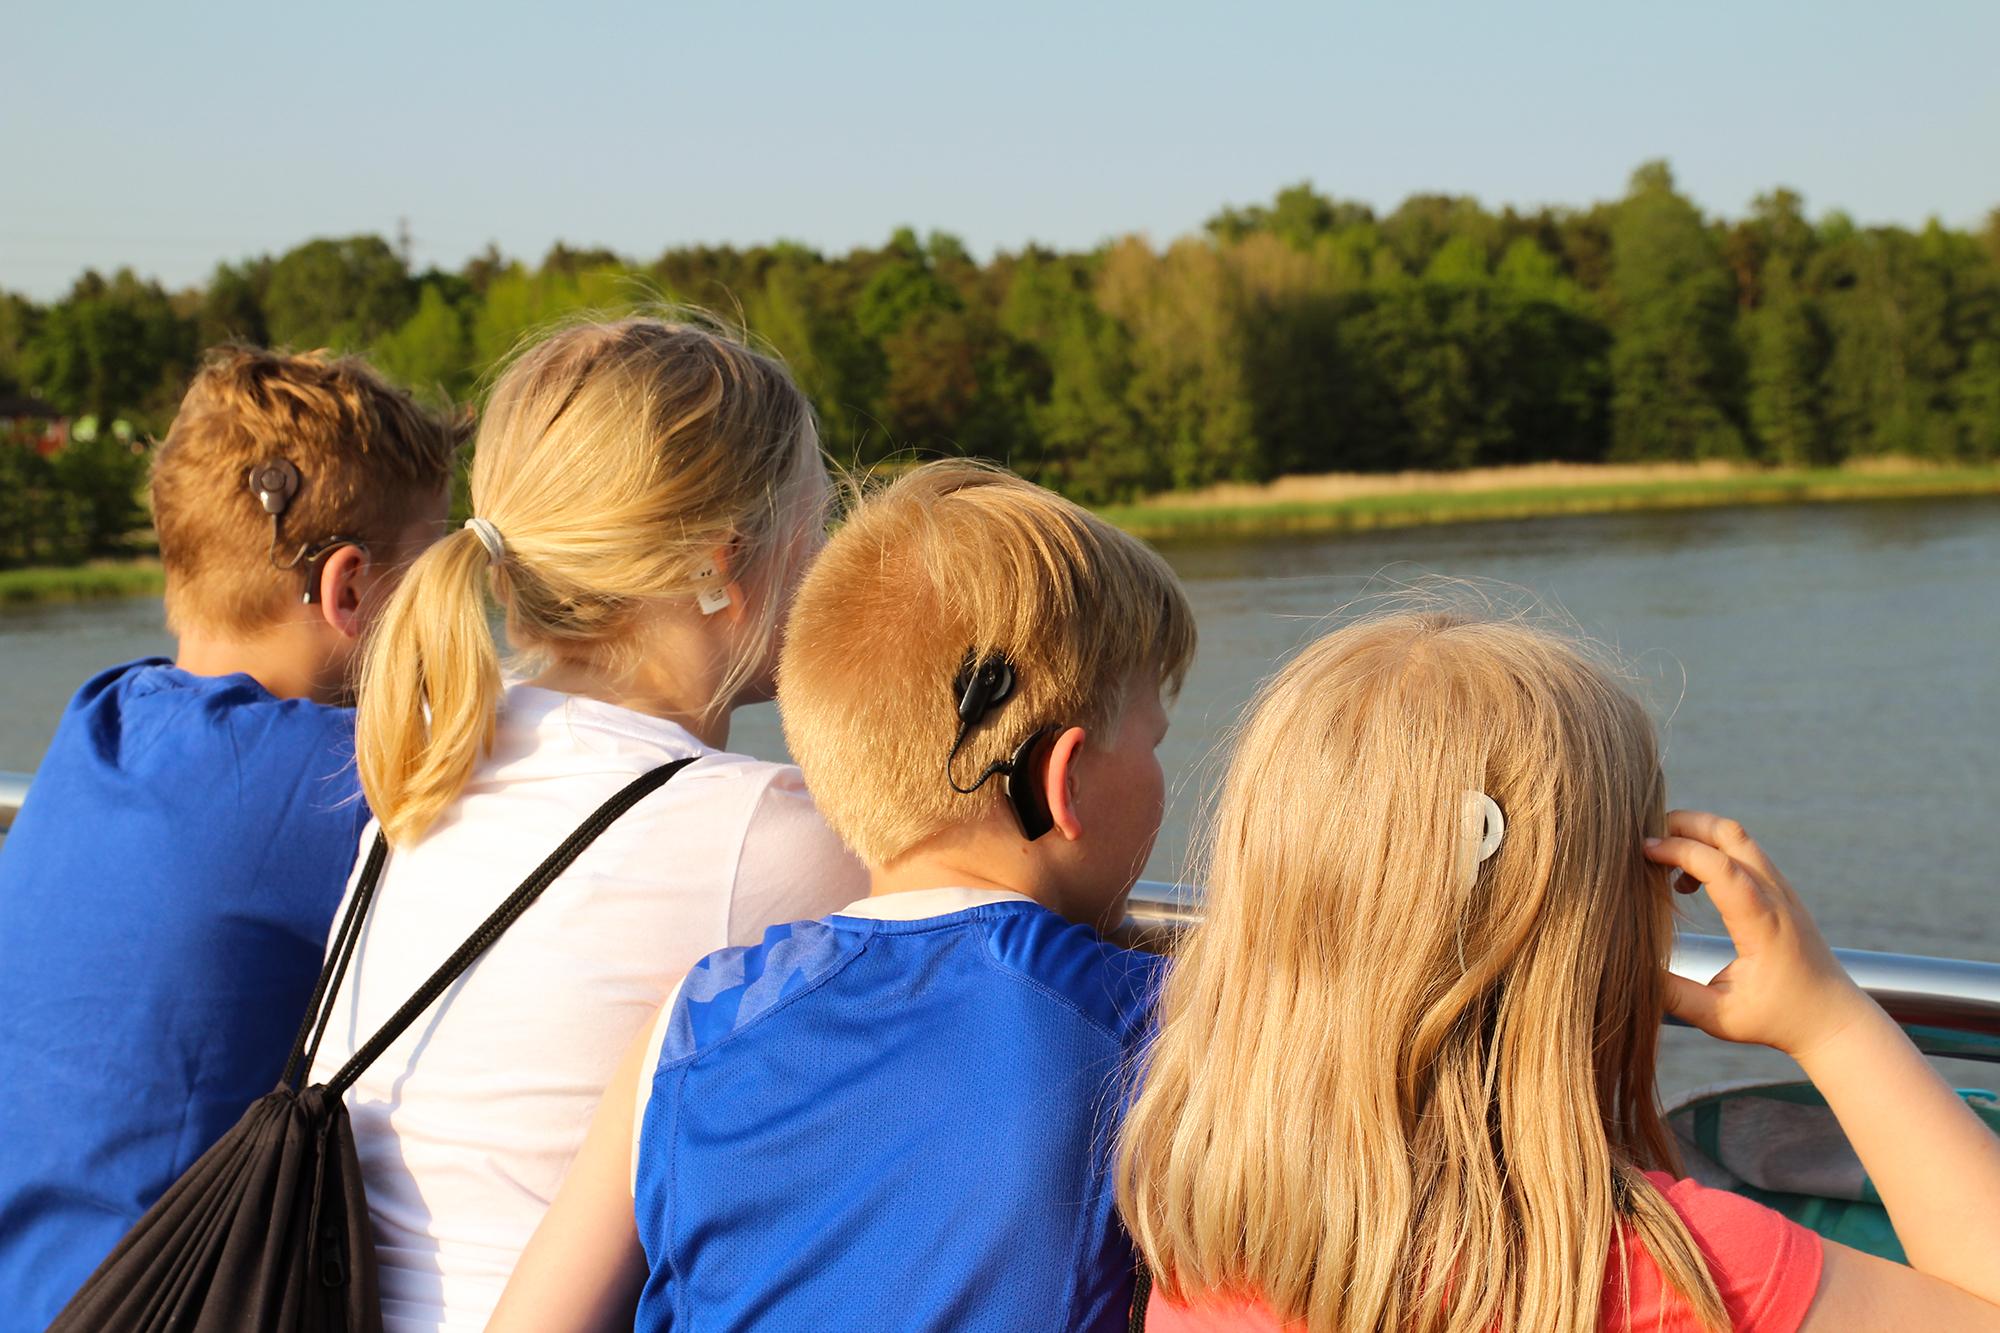 Kuvassa neljä sisäkorvaistutteita käyttävää lasta ja nuorta takaapäin kuvattuina